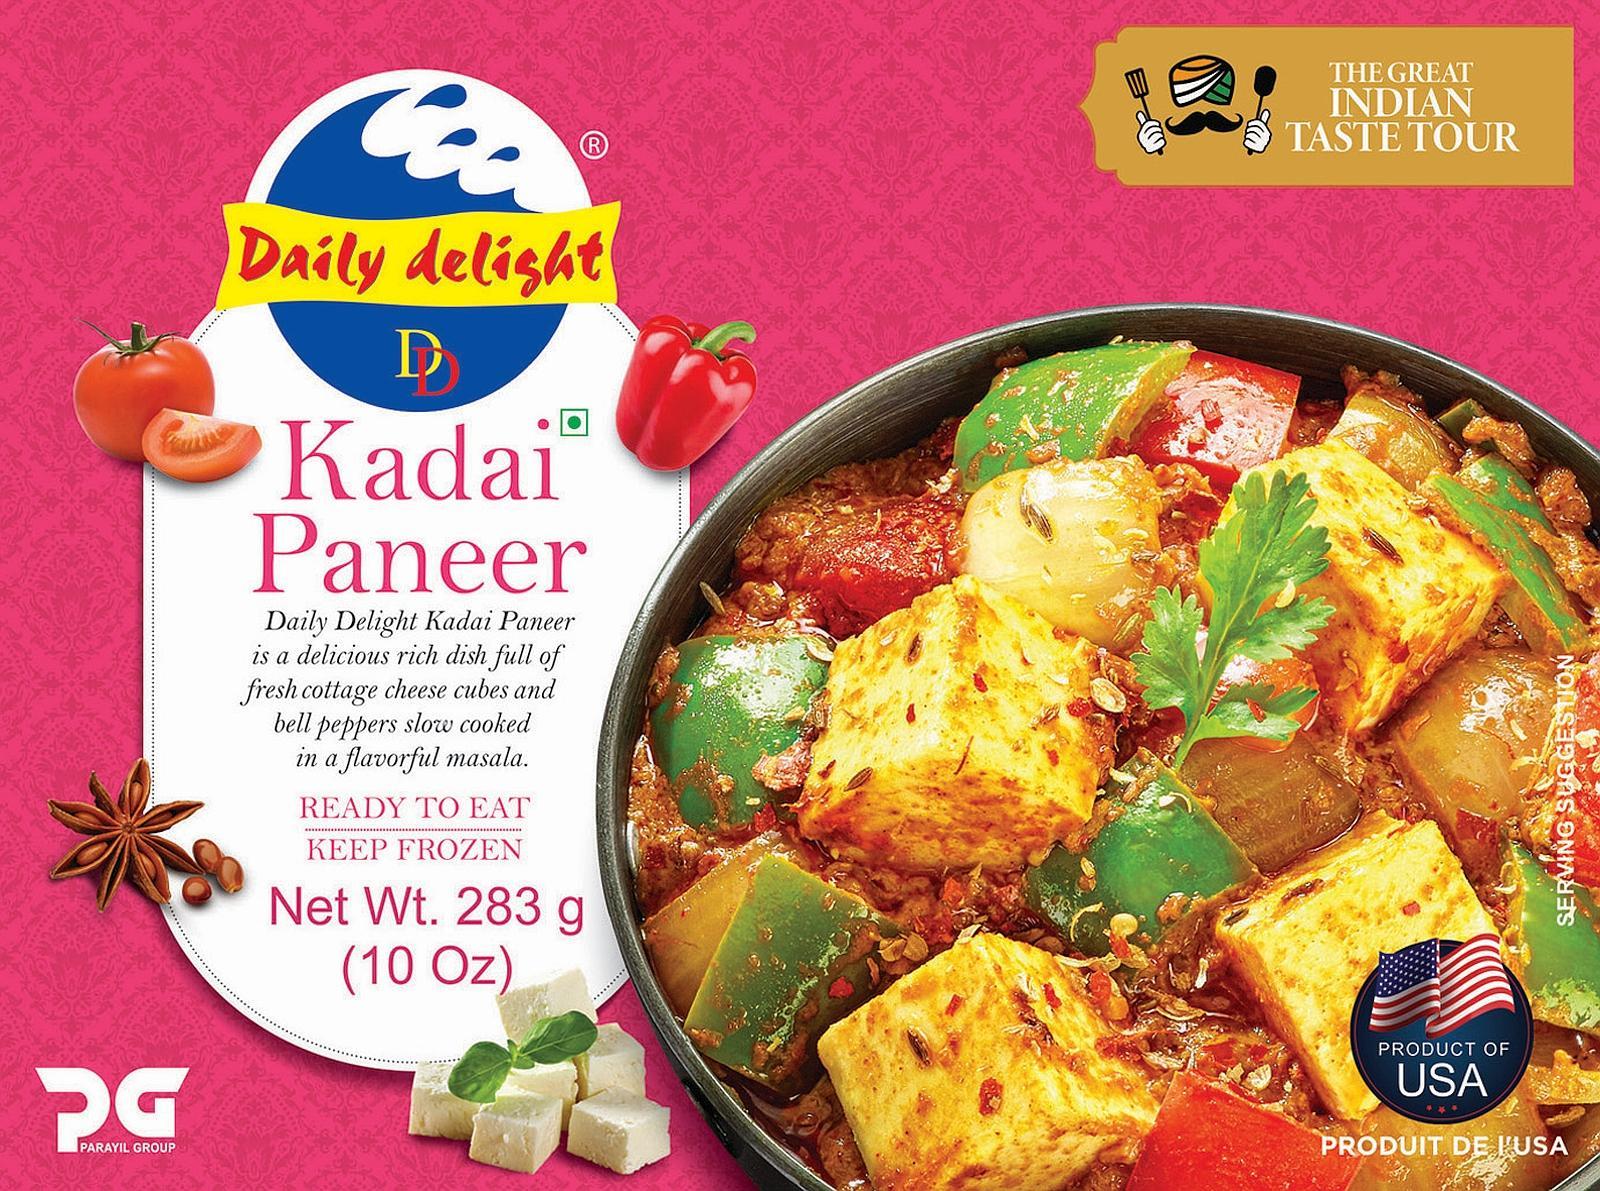 Daily Delight Kadai Paneer